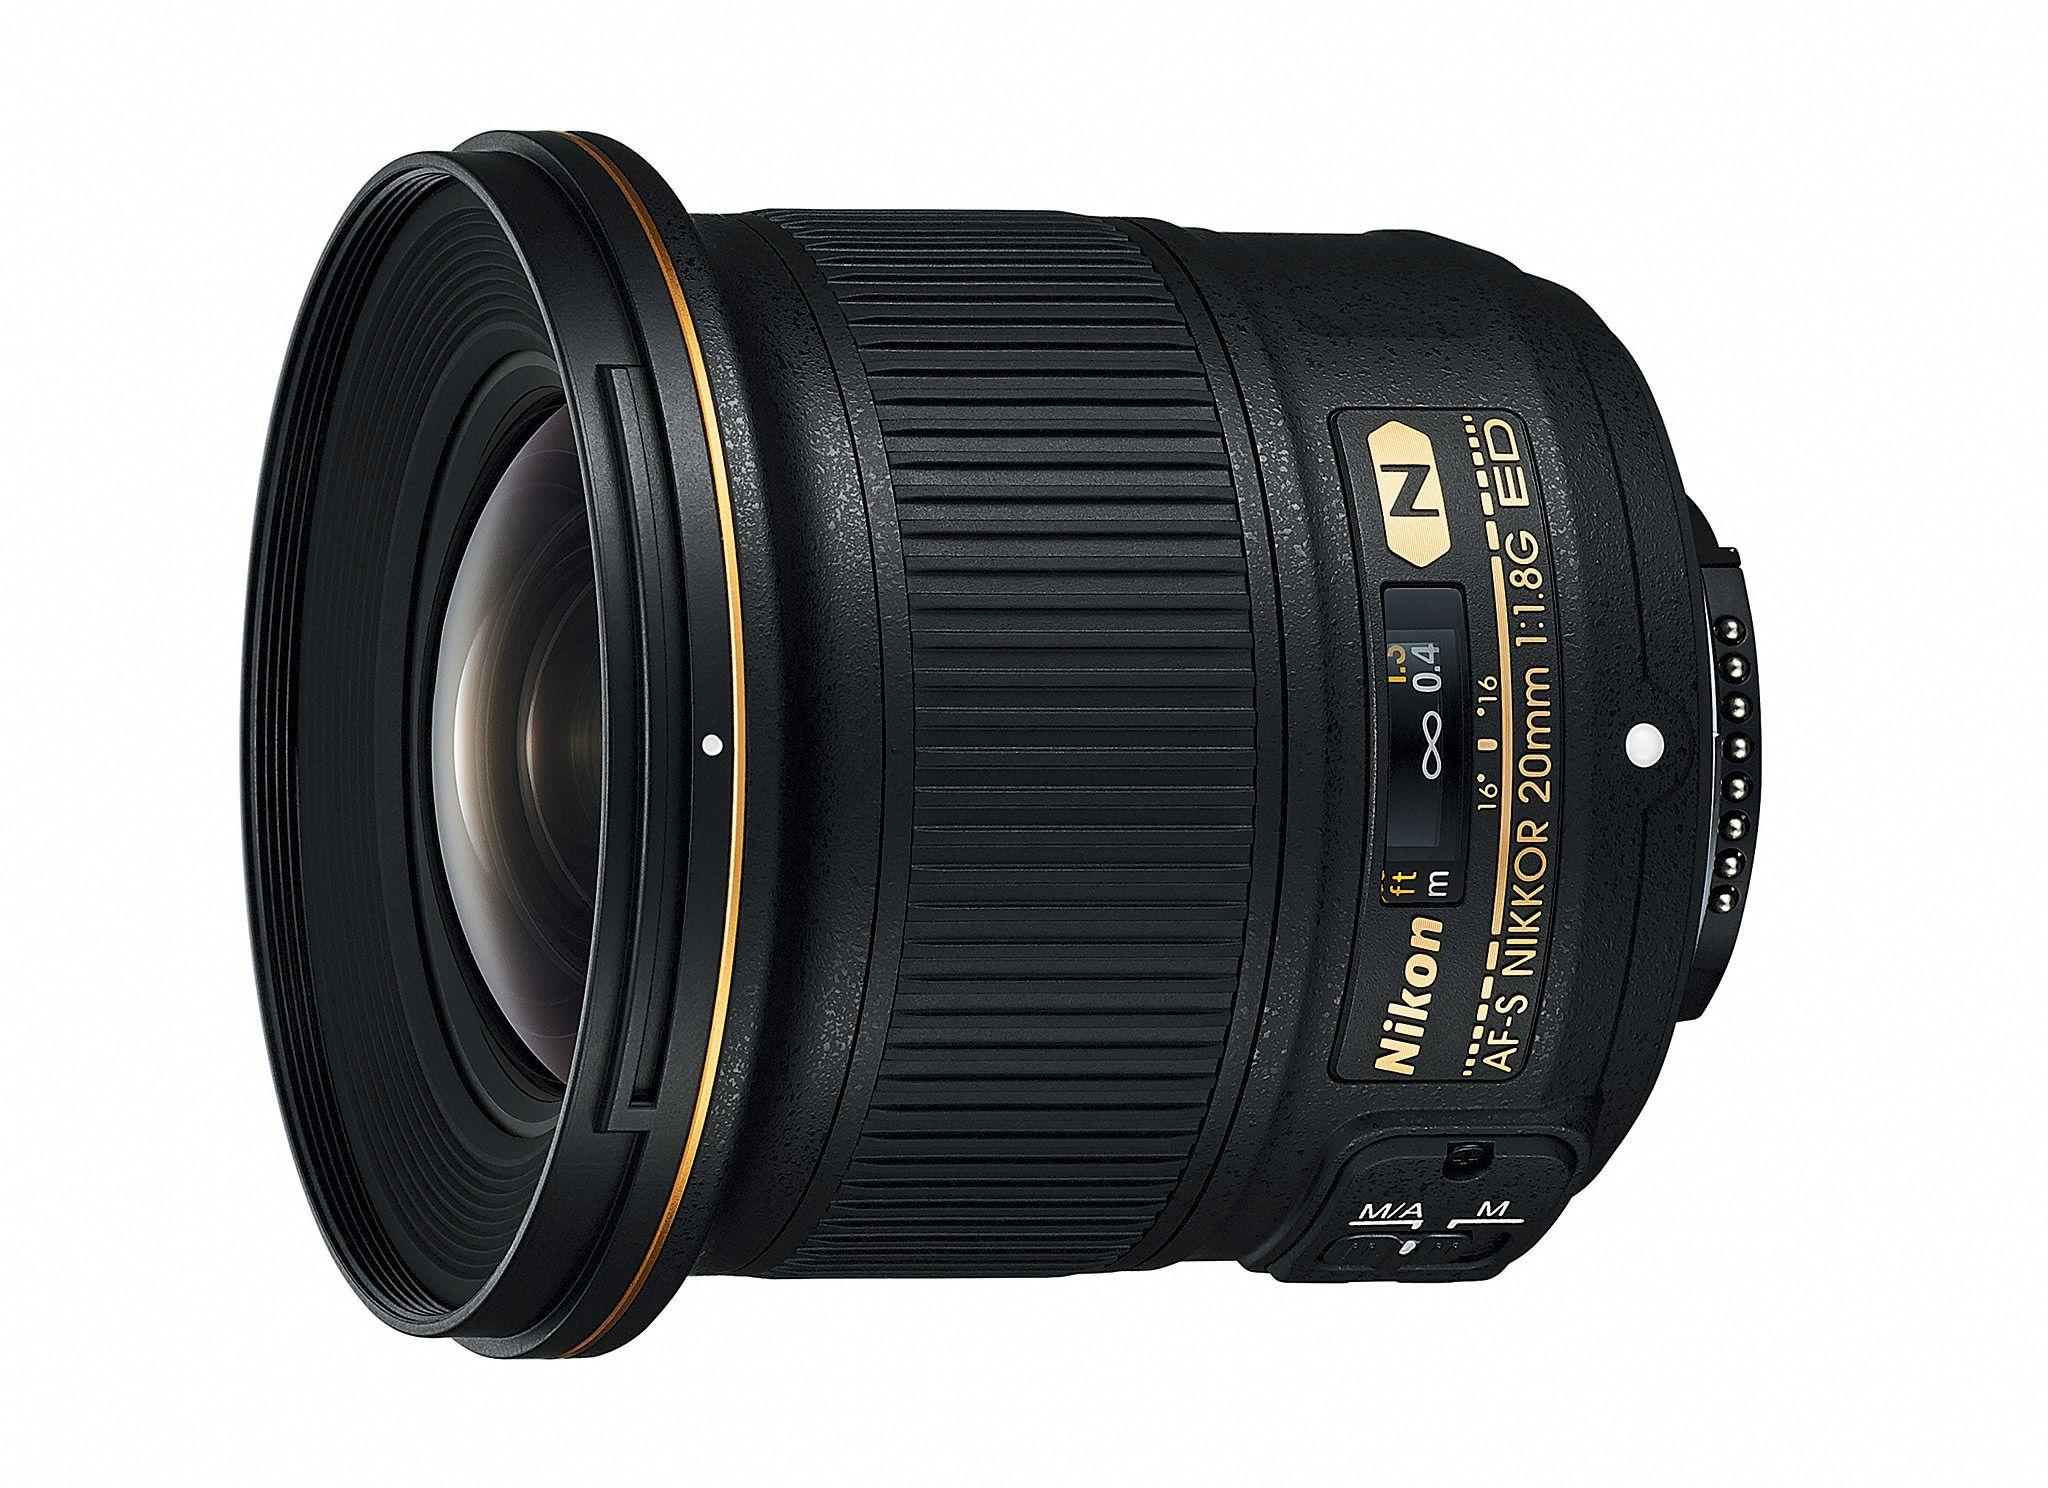 Nikon 20mm F 1 8g Ed Review Photography Life Nikon Lenses Nikon Dslr Camera Nikon Lens